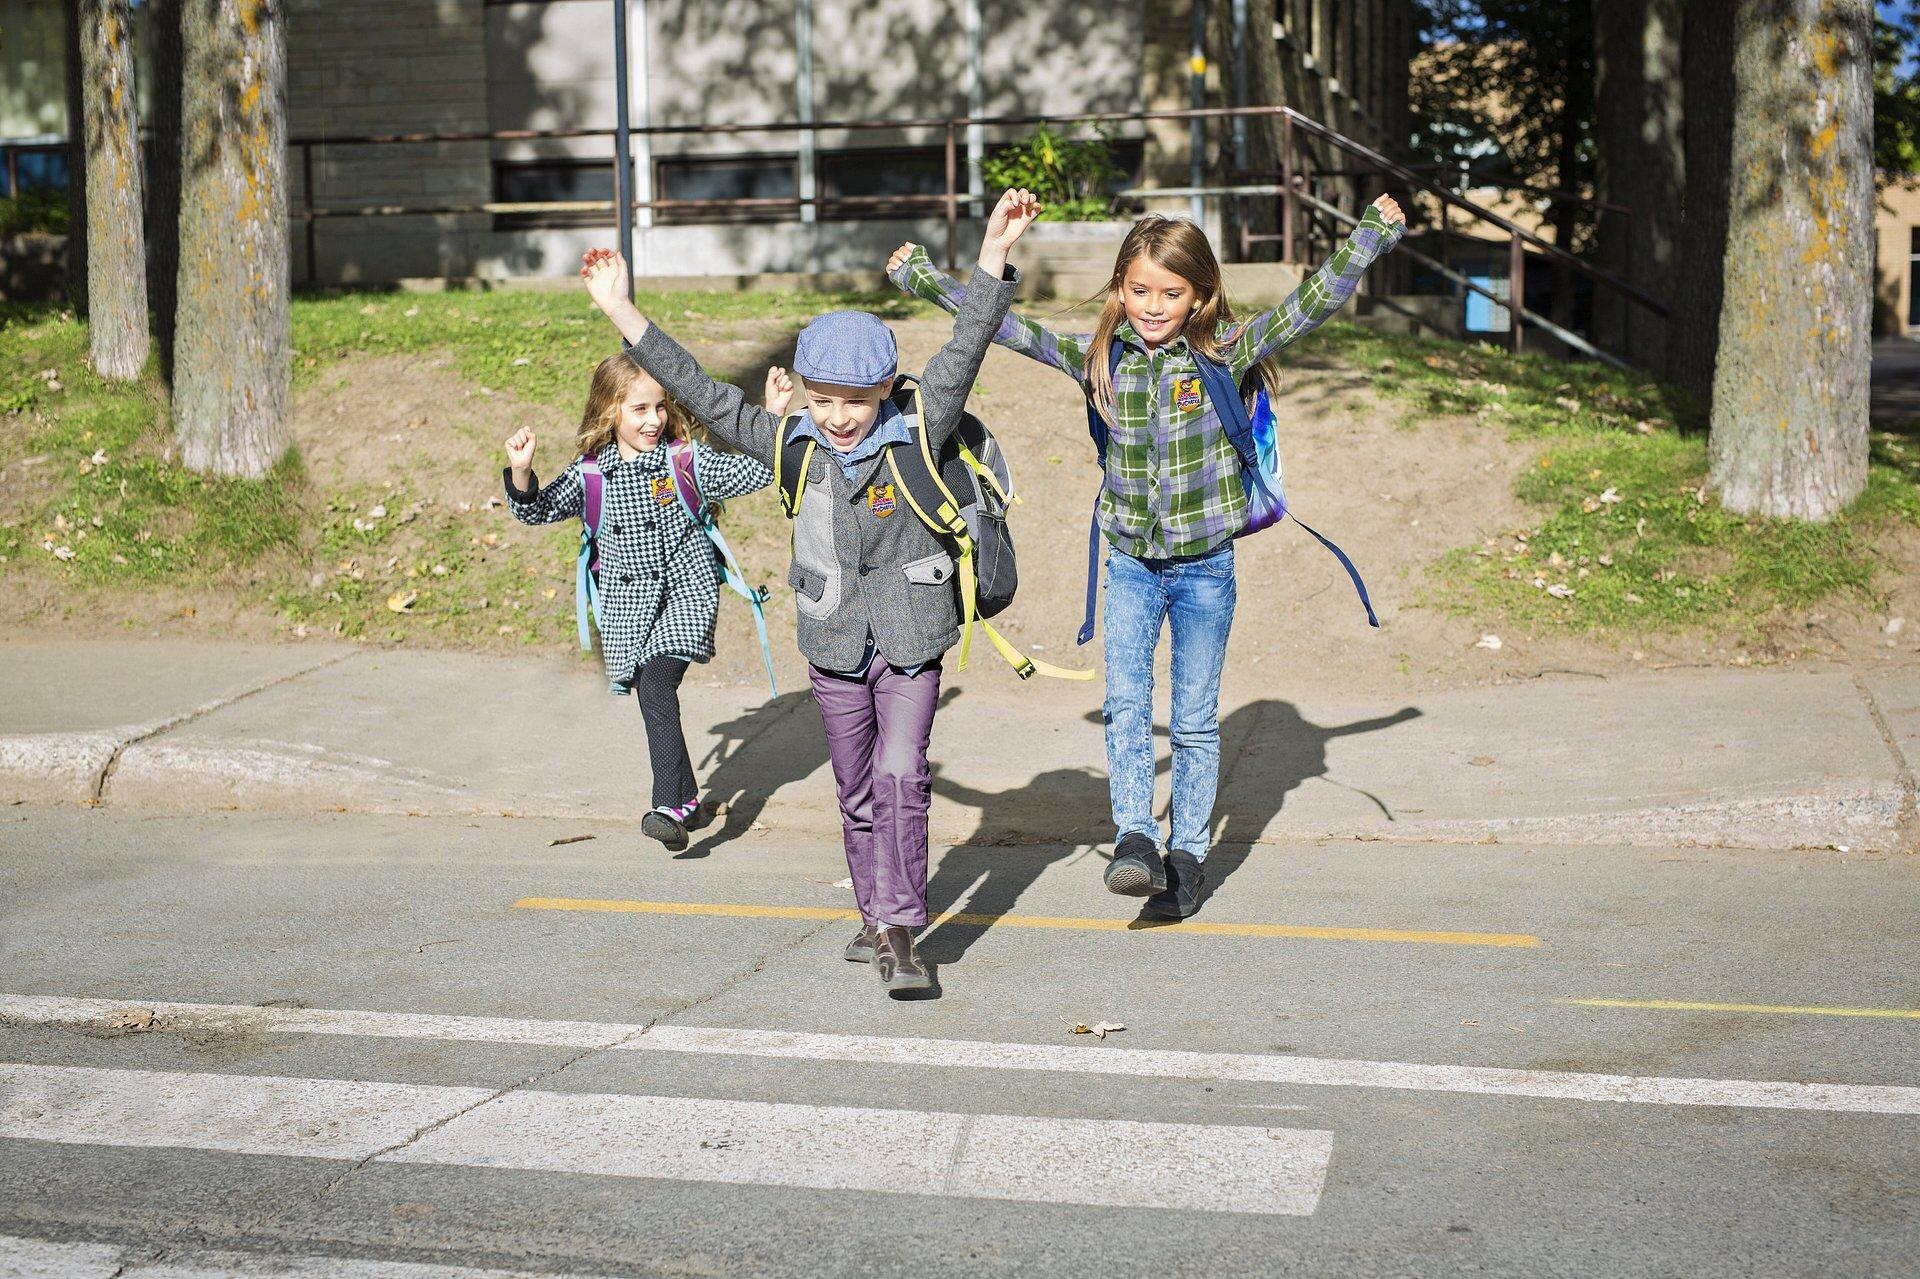 Ruszyła XI edycja Akademii Bezpiecznego Puchatka – trwa nabór szkół z województwa warmińsko-mazurskiego do programu